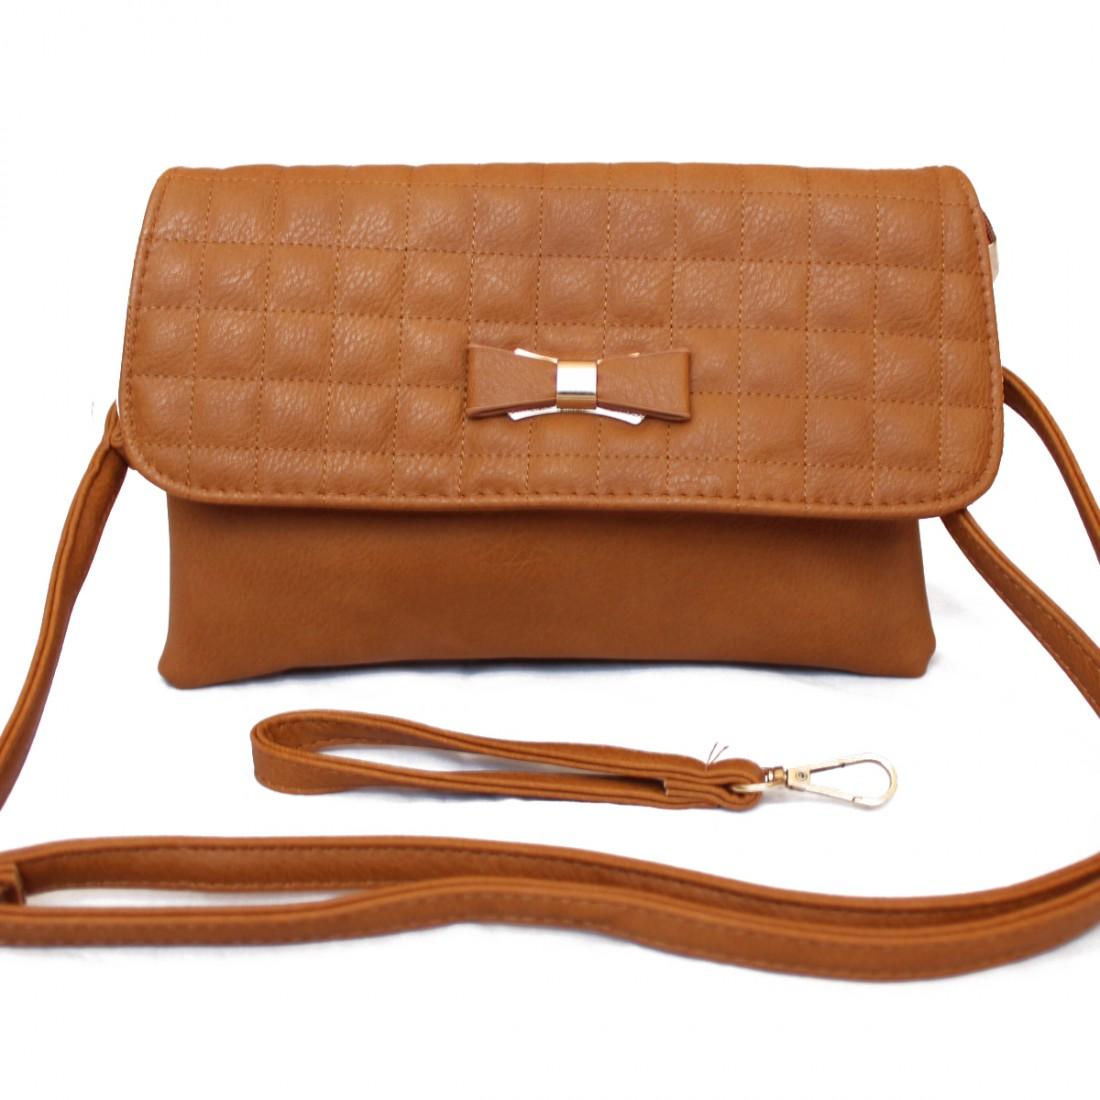 Дамска чанта през рамо Кари - кафява